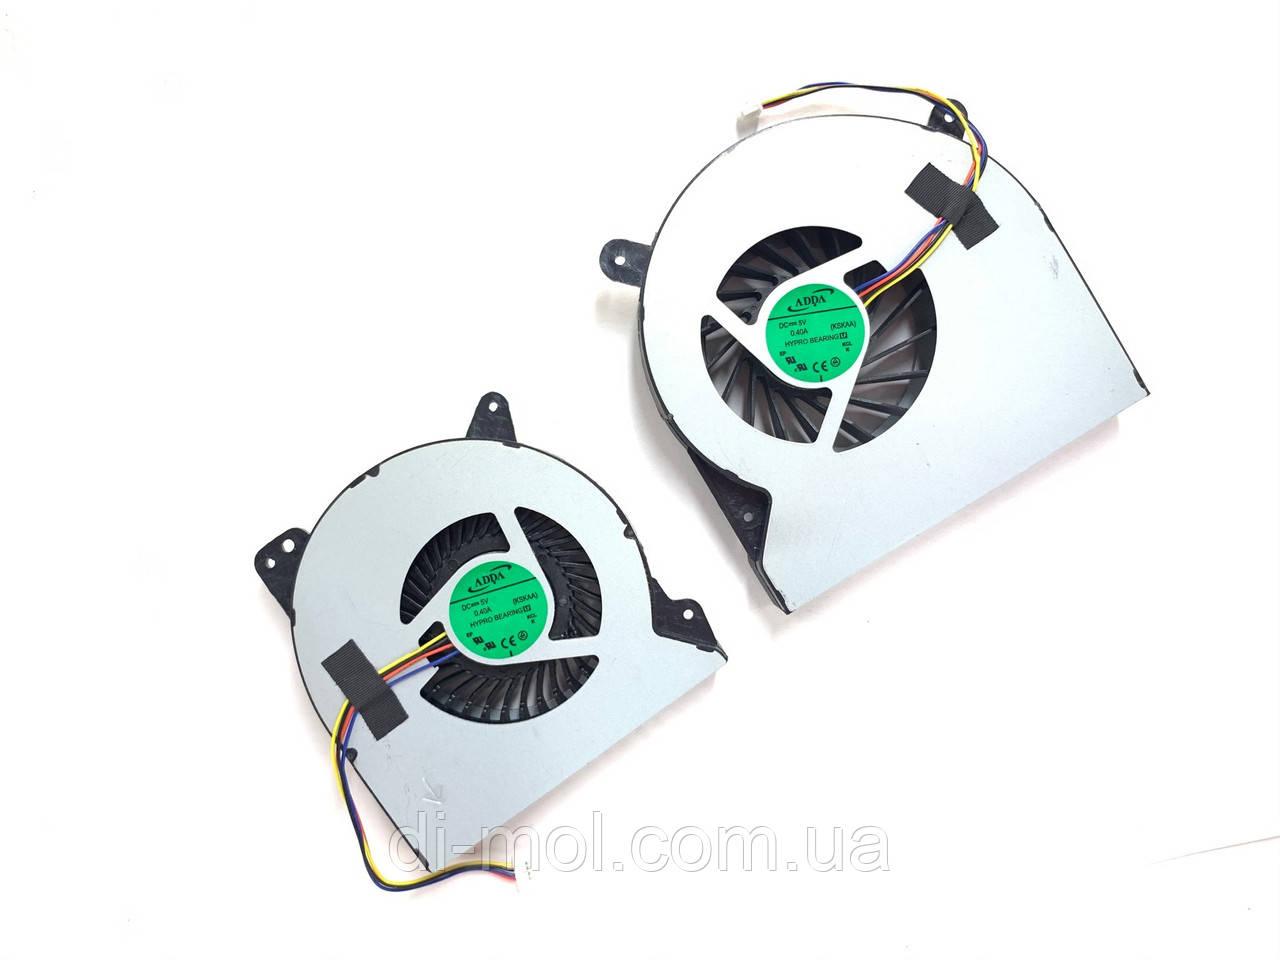 Вентилятор для ноутбука Asus ROG G750, G750JH, G750JM, G750JZ series, 4-pin (правий, лівий)